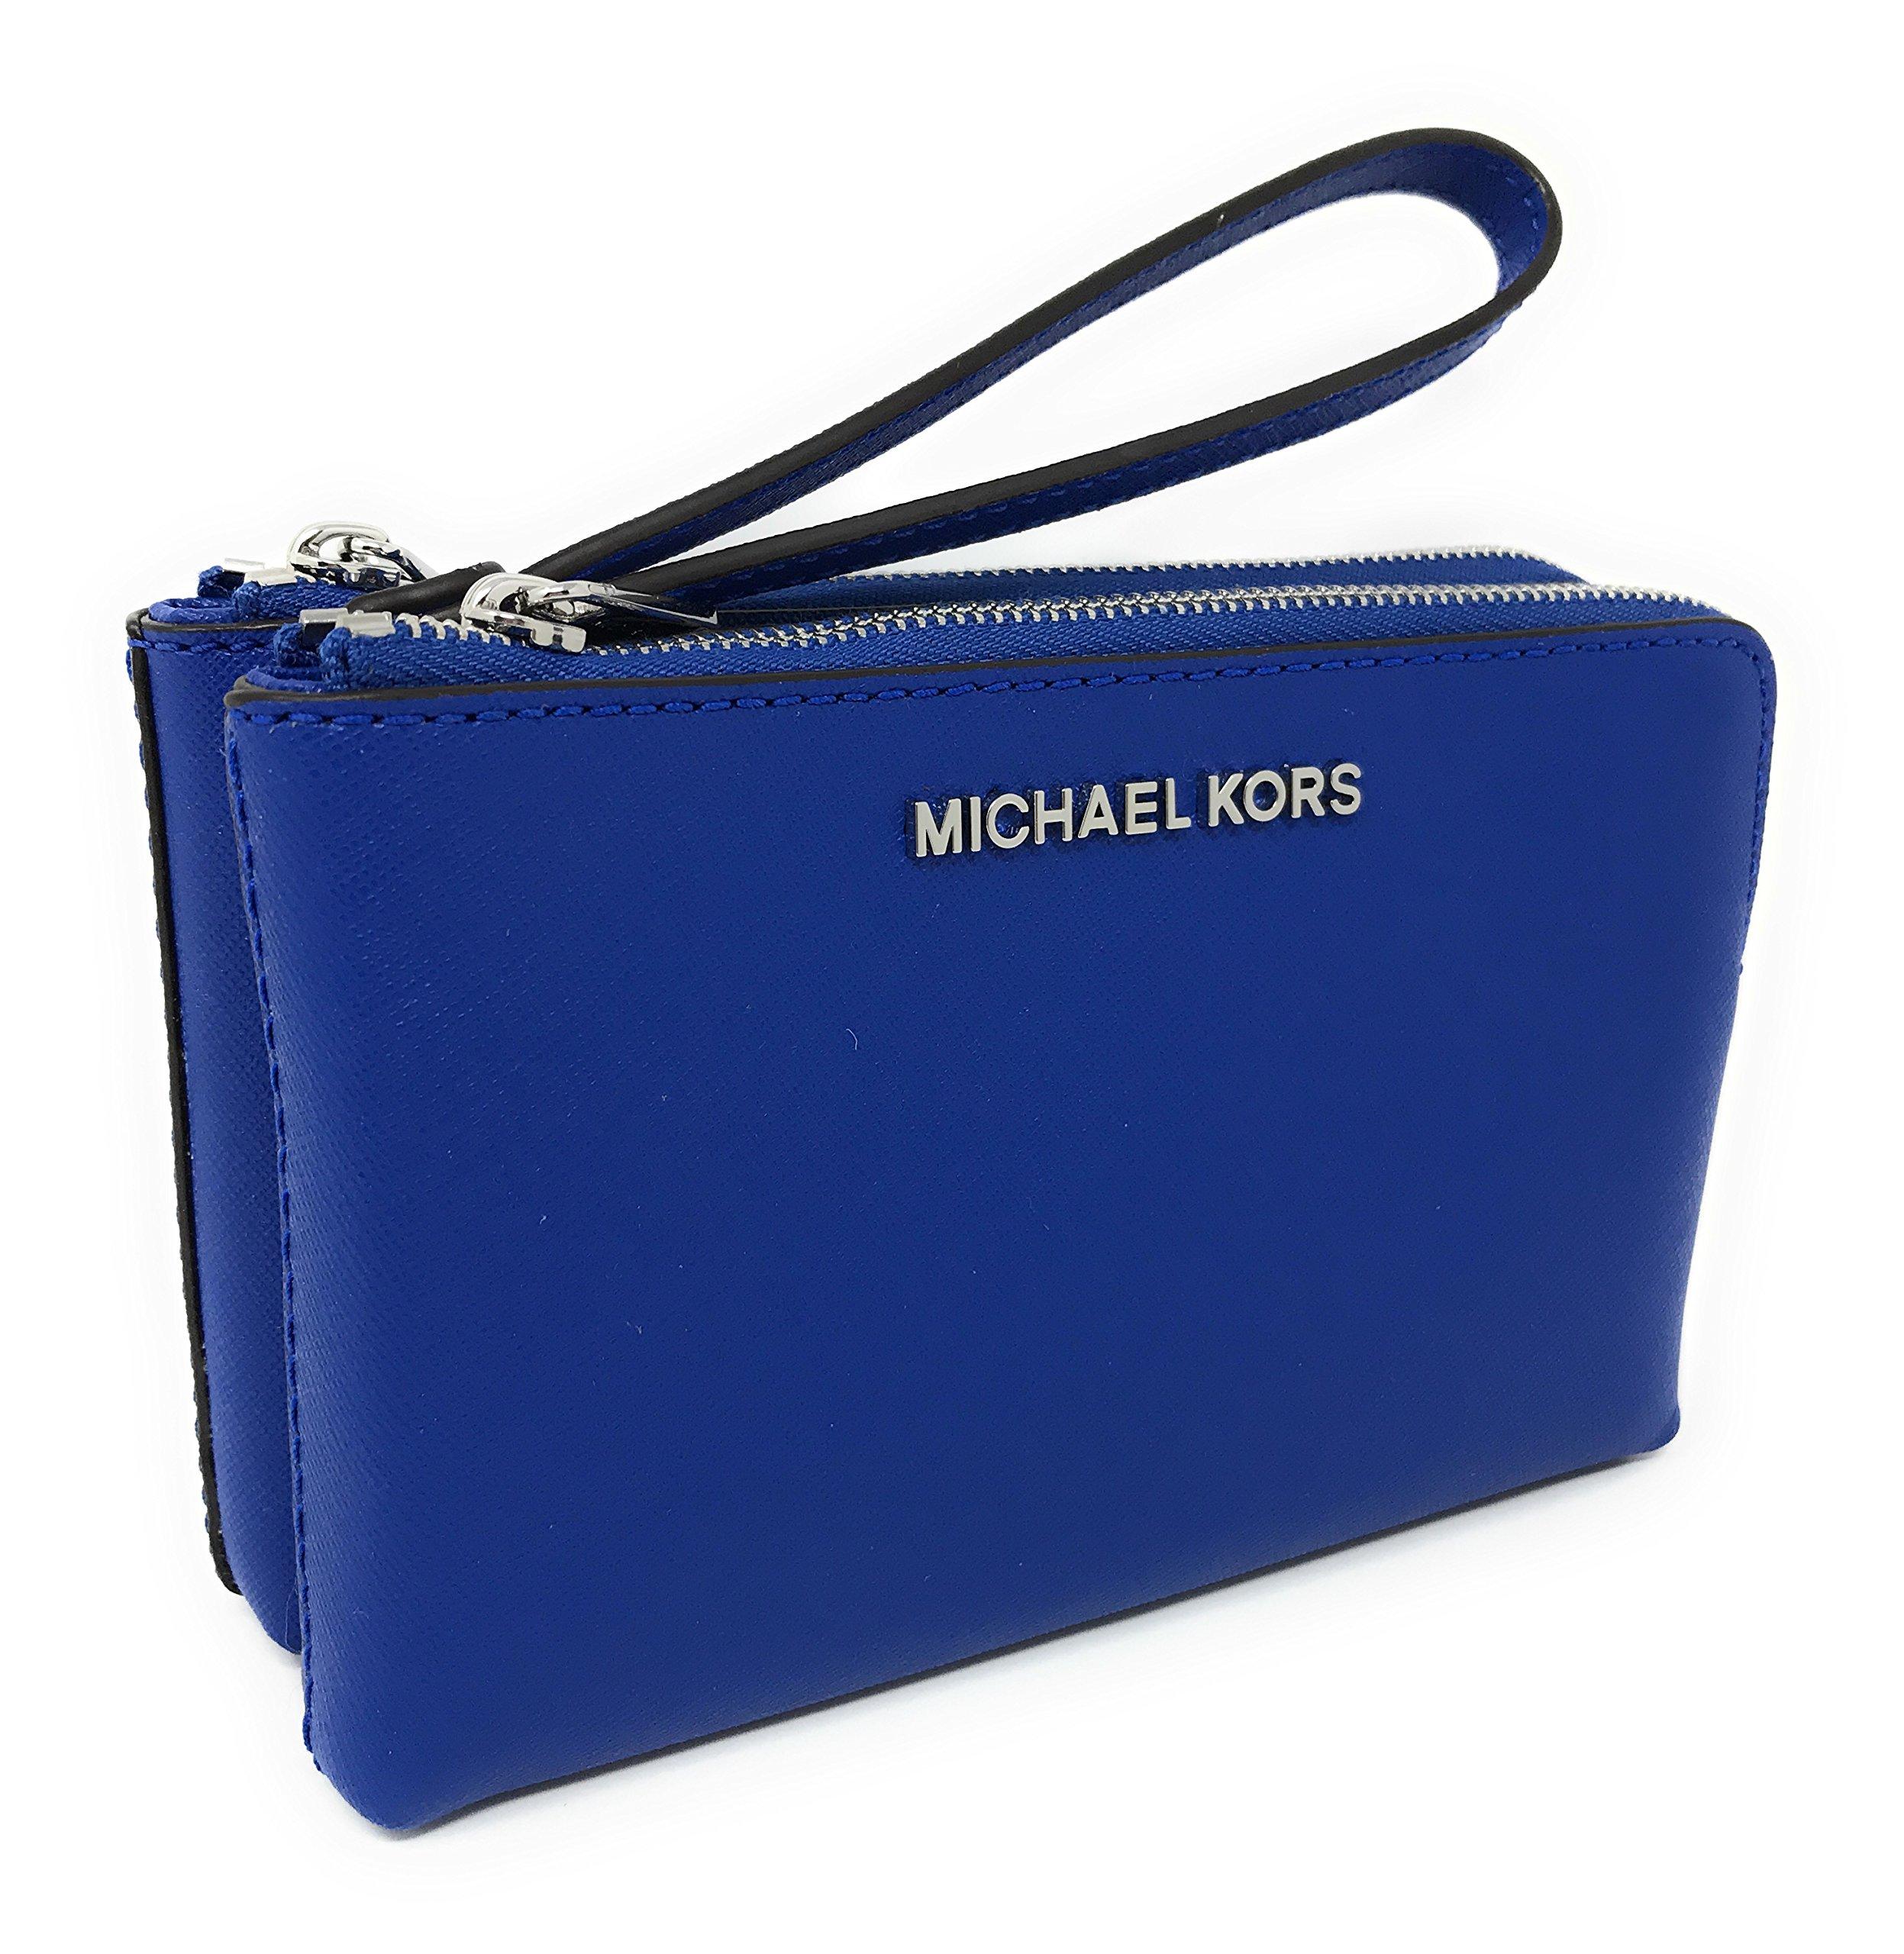 Michael Kors Jet Set Travel Large Double Gusset Wristlet Bag Purse (Electric Blue)